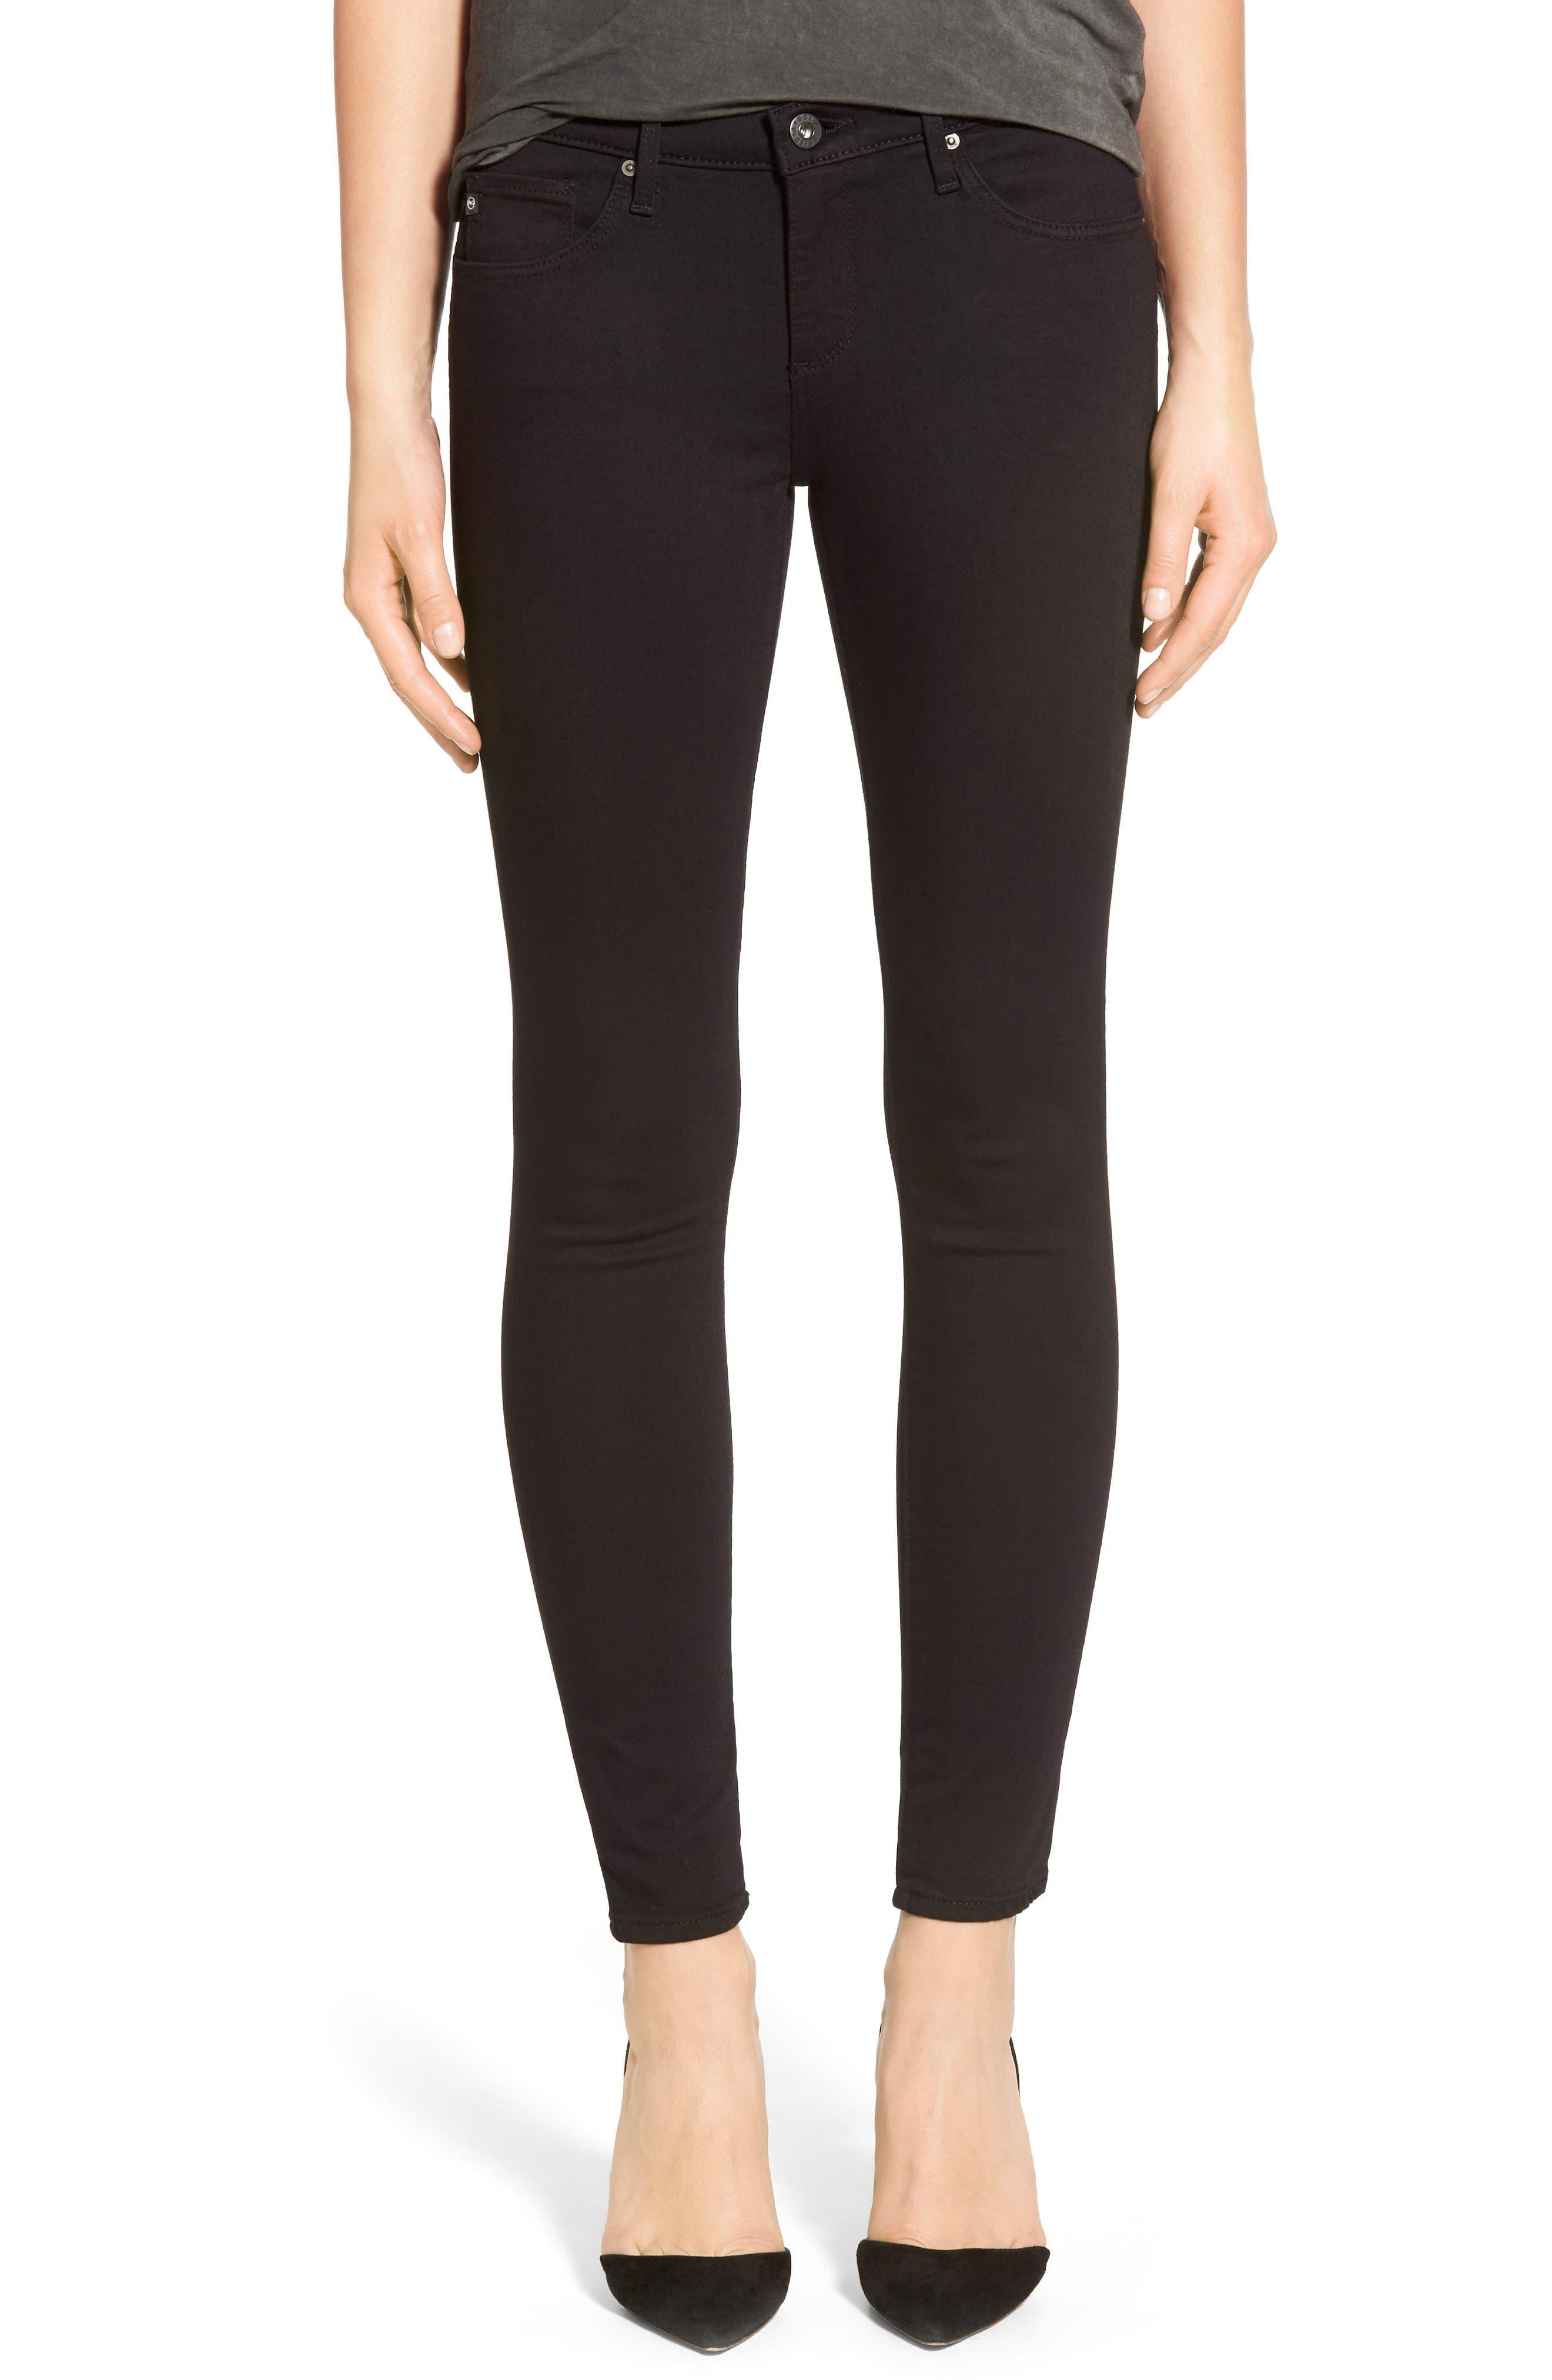 AG 'The Legging' Ankle Super Skinny Jeans, Main, color, SUPER BLACK